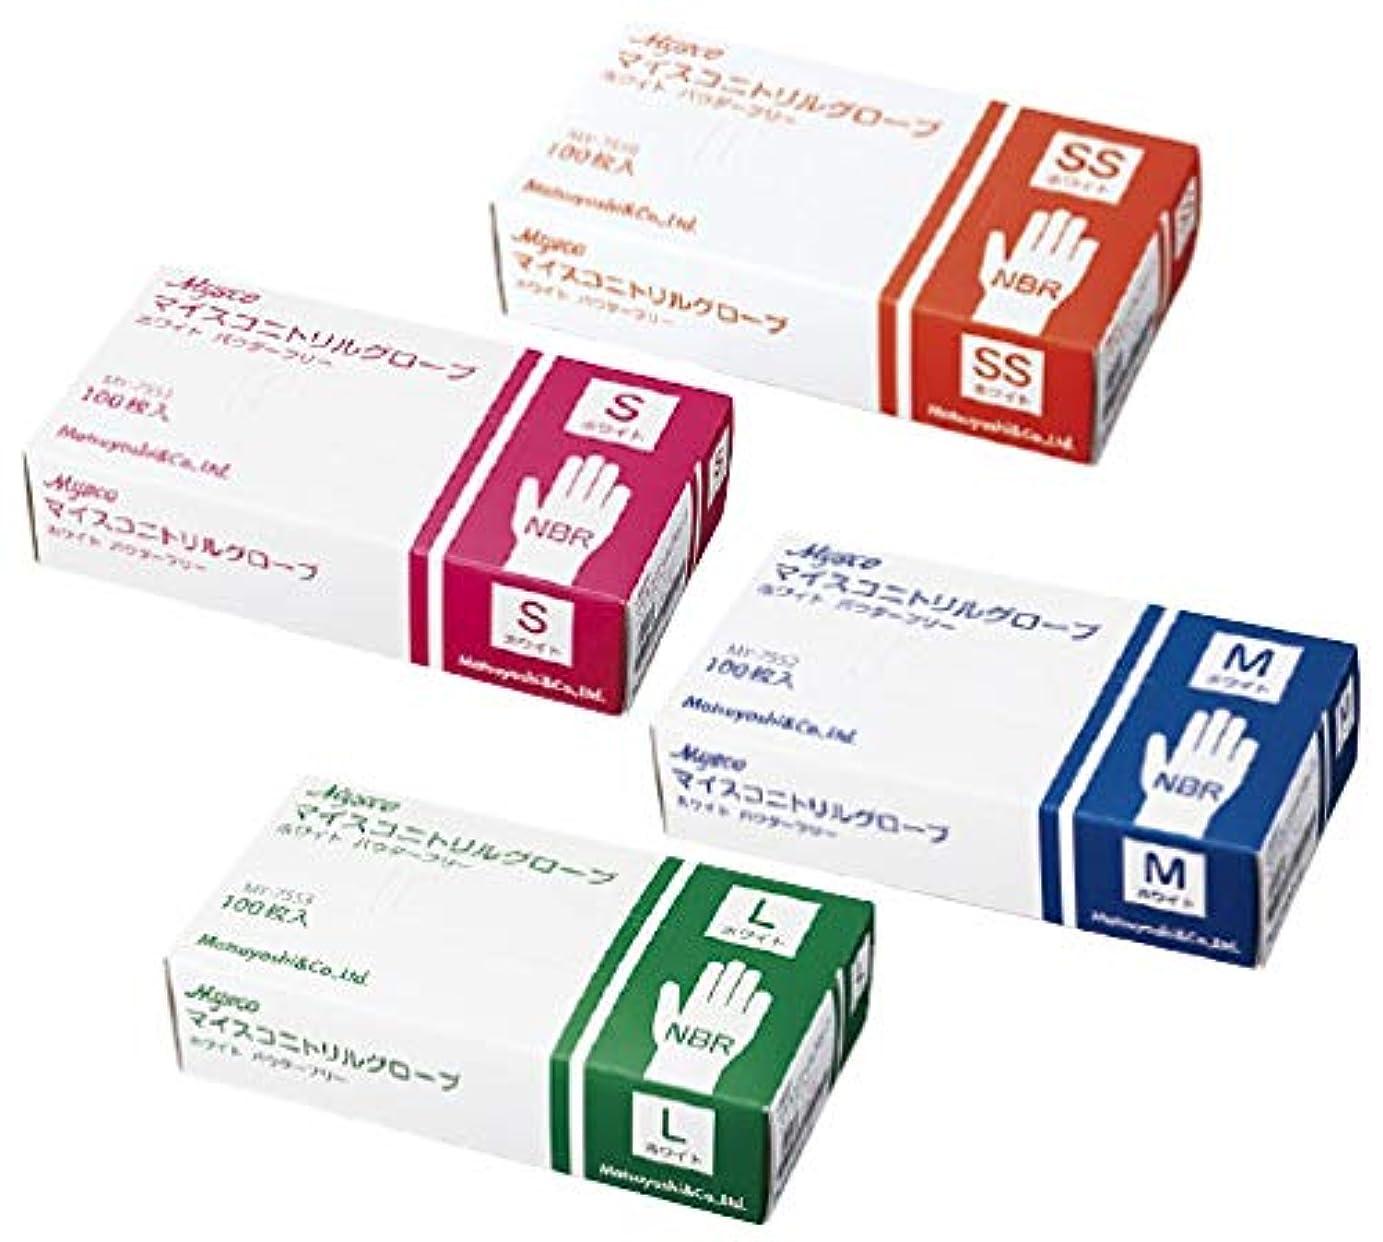 格納ボランティアバレーボールマイスコ ニトリルグローブ ホワイト 粉なし S 100枚入 3箱